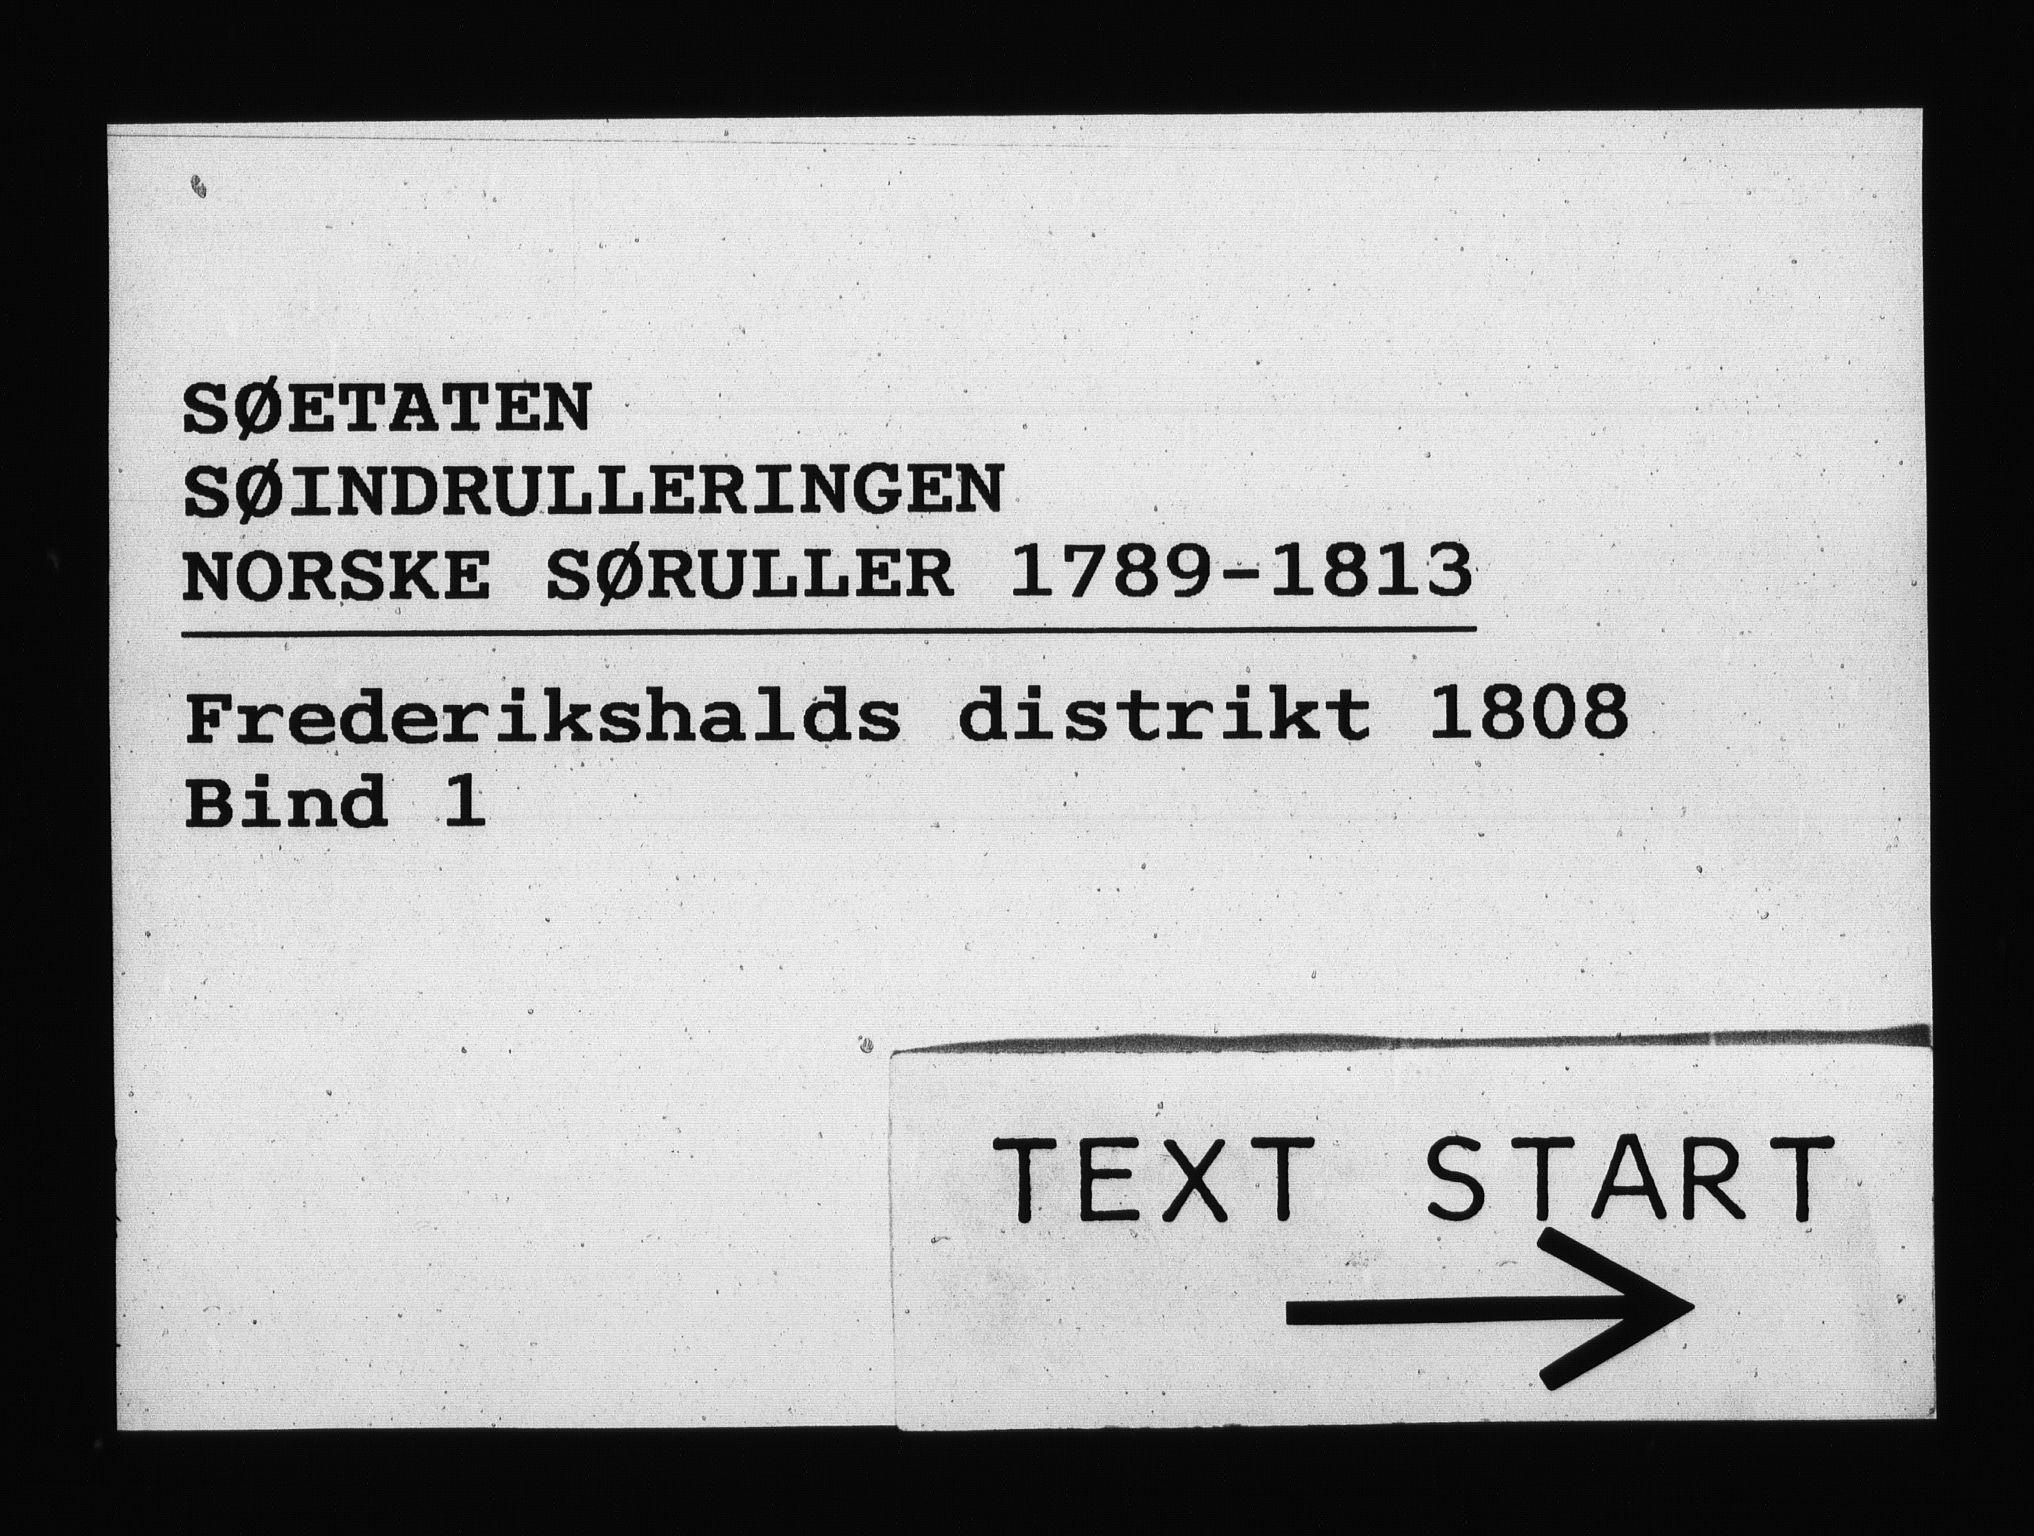 RA, Sjøetaten, F/L0201: Fredrikshalds distrikt, bind 1, 1808